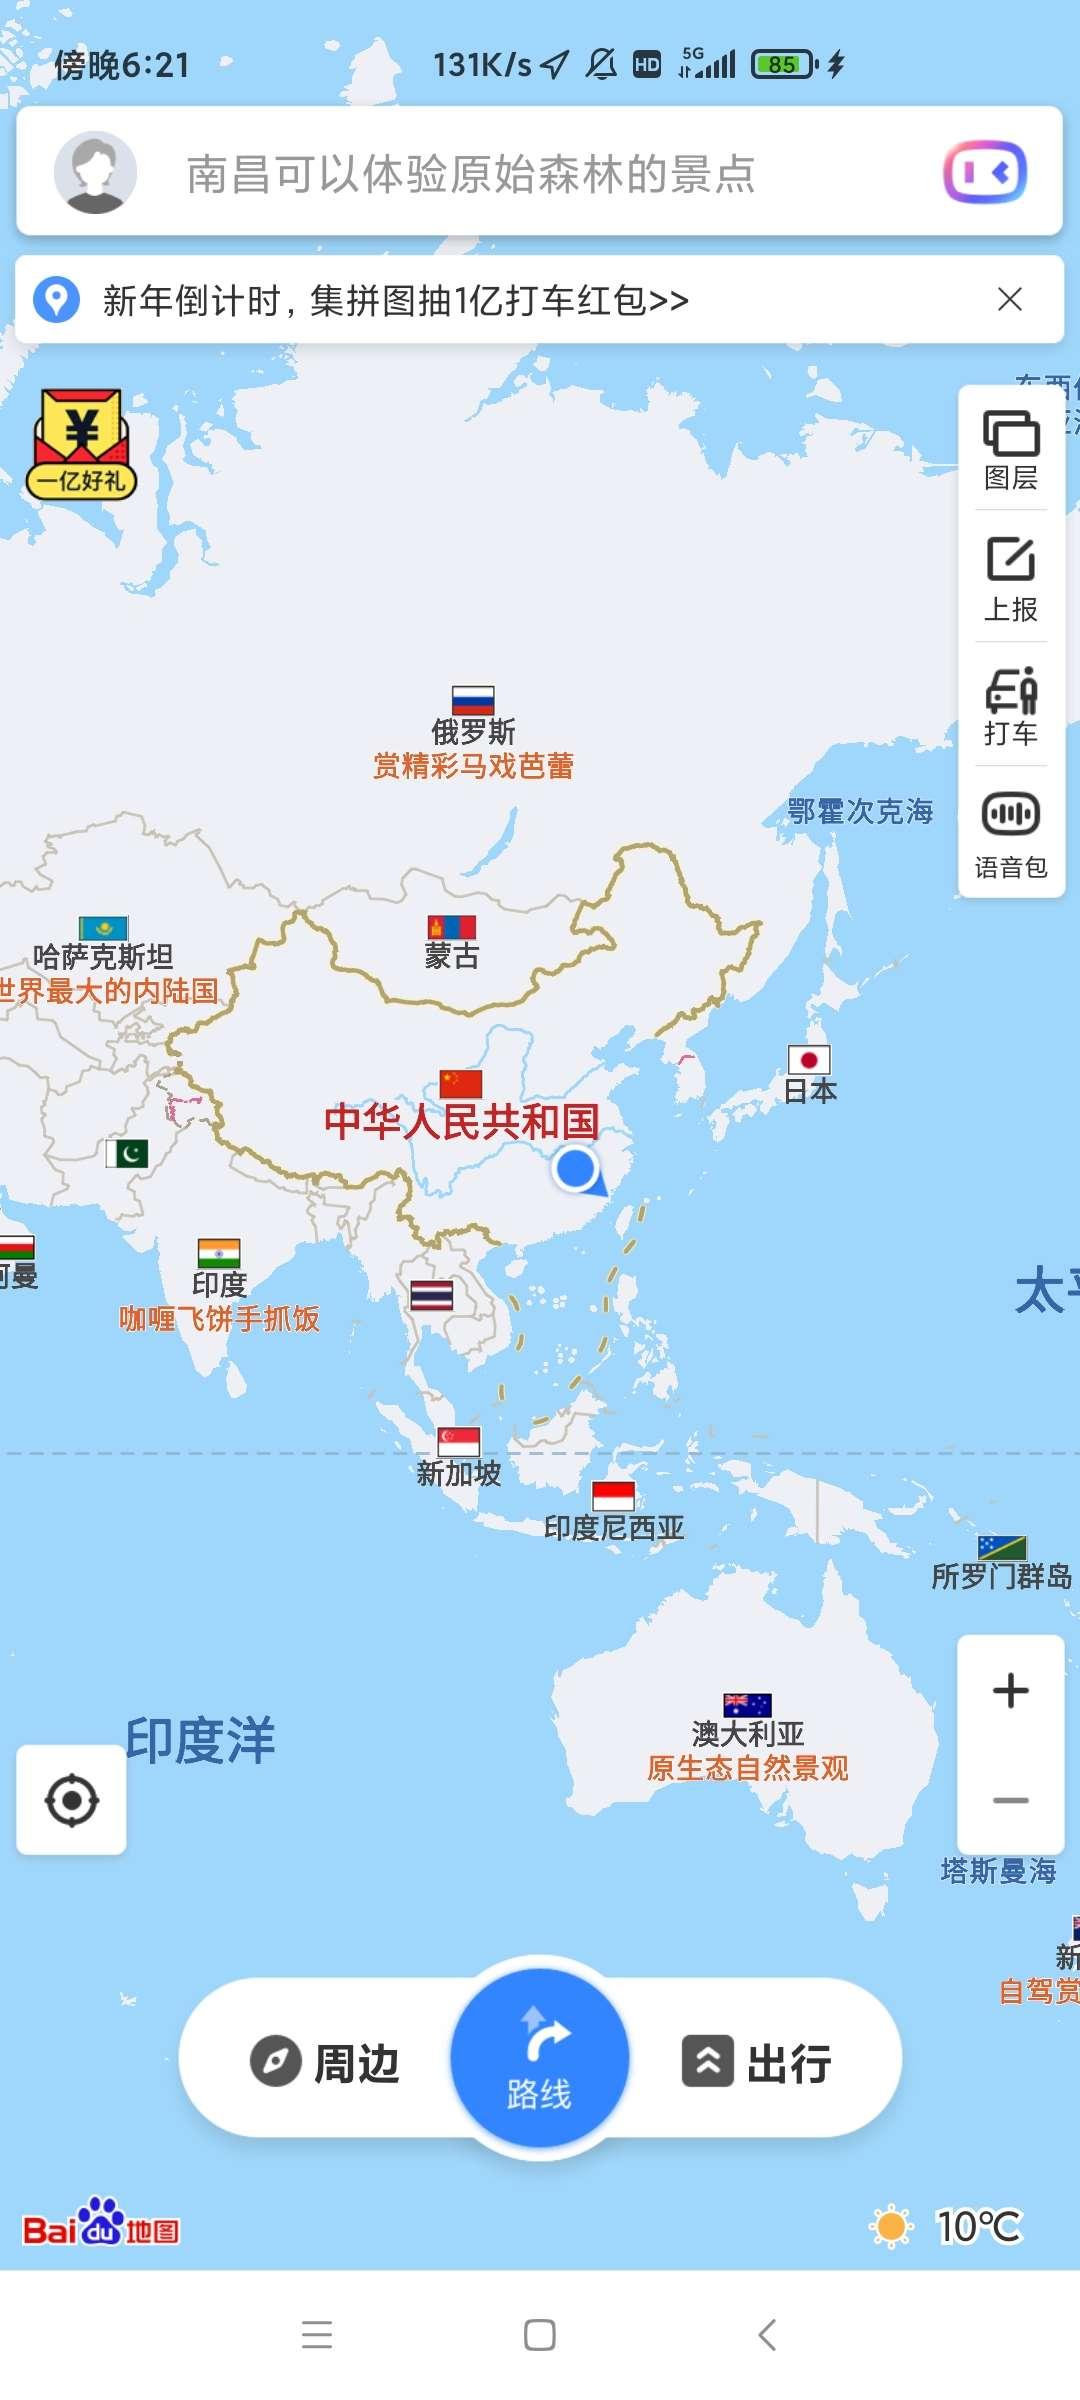 图片[1]-百度地图玩游戏红包-老友薅羊毛活动线报网